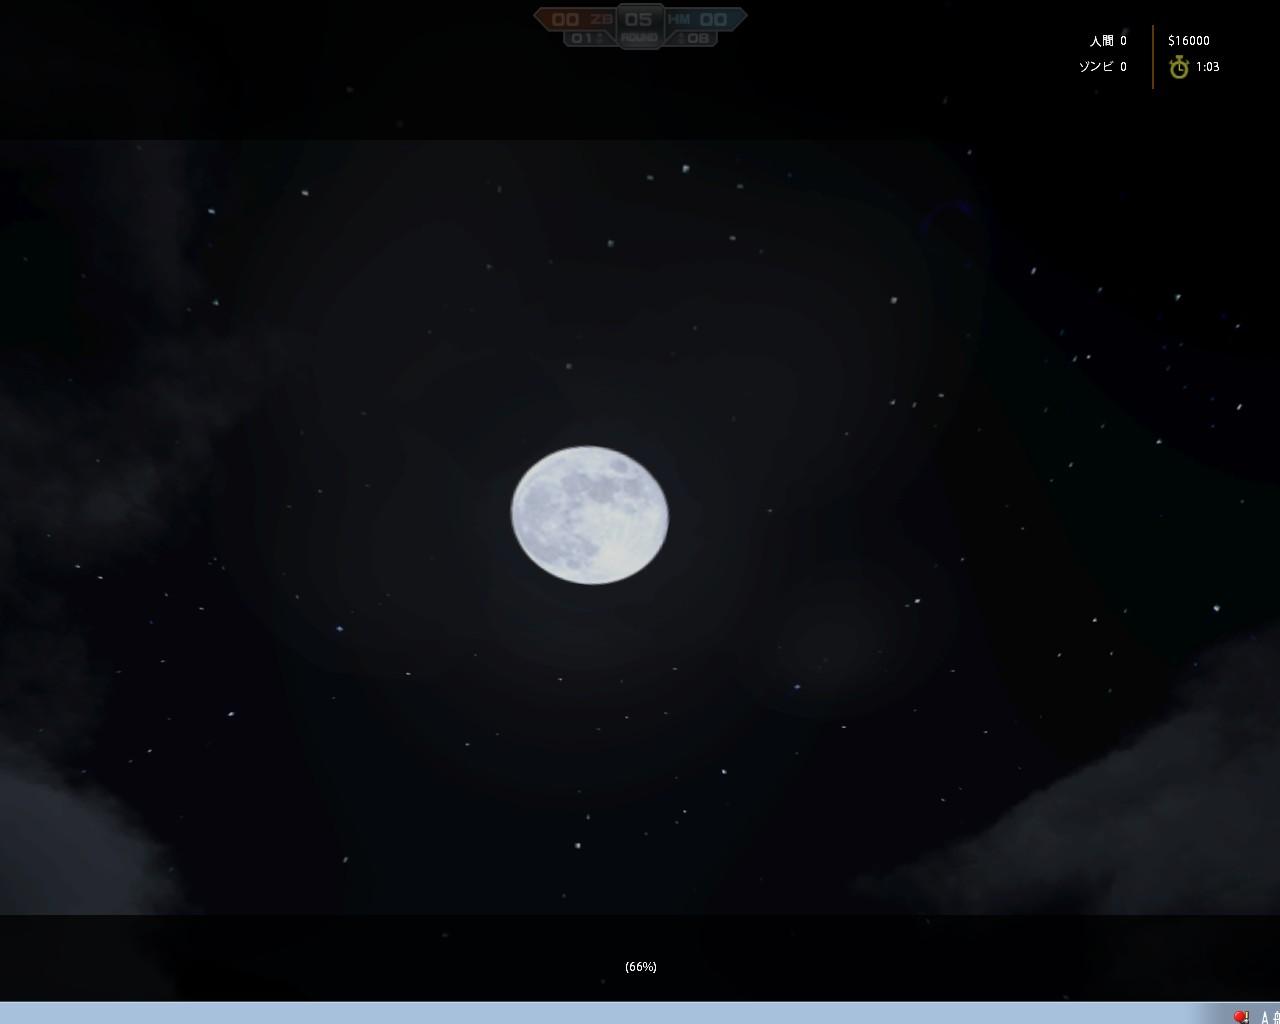 エステイトでとったきれいな月